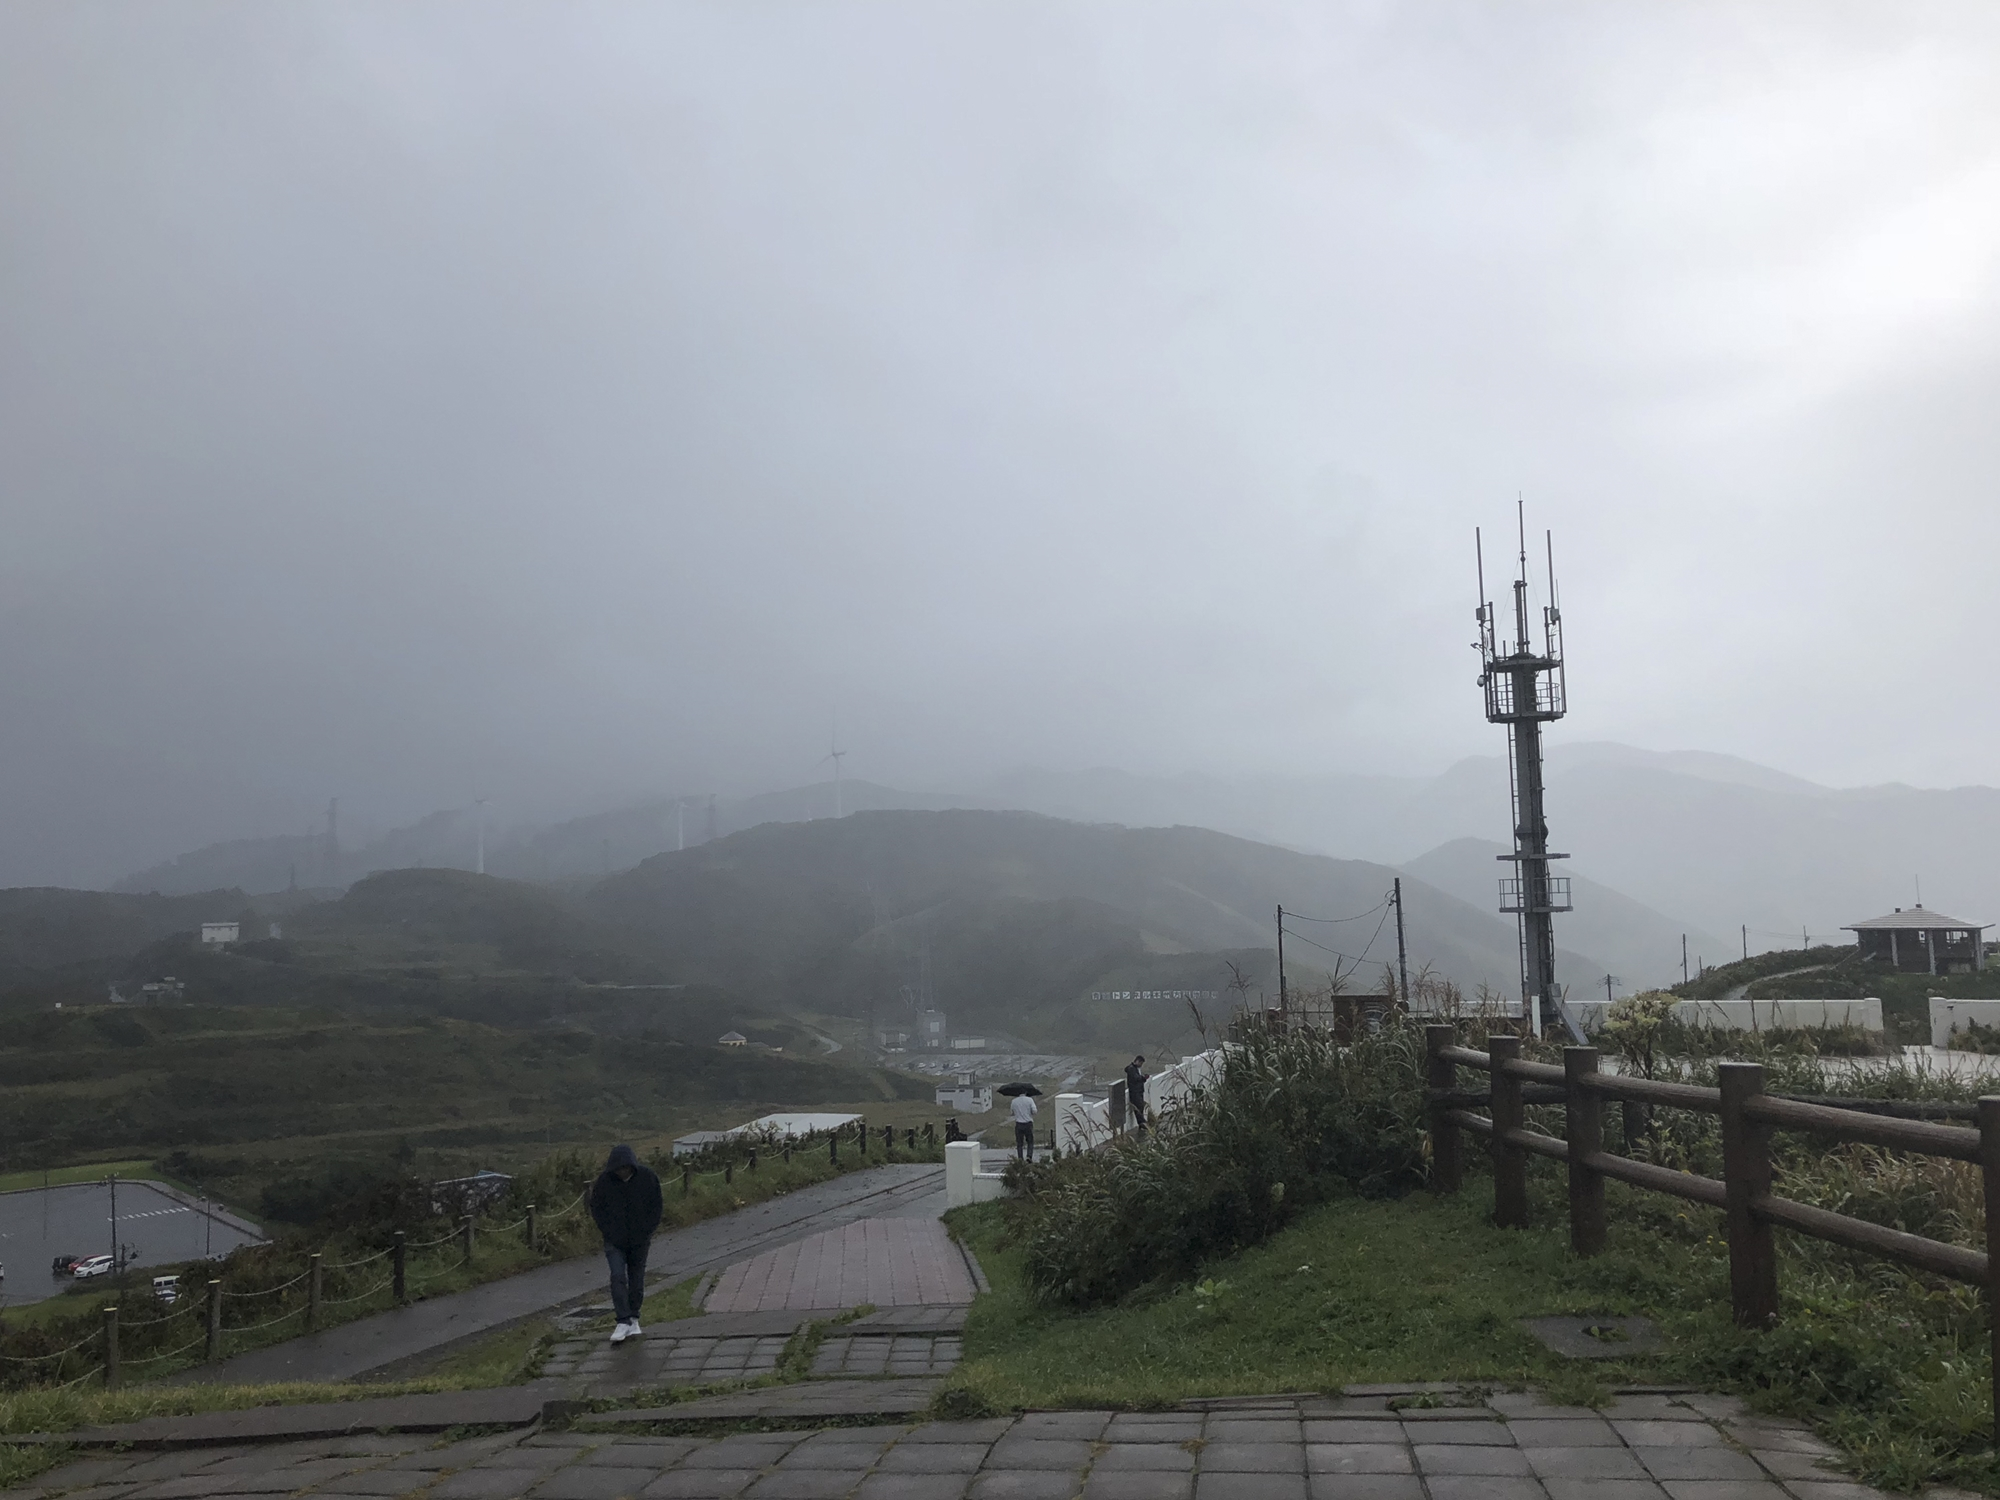 f:id:mitatowa:20181005185439j:plain